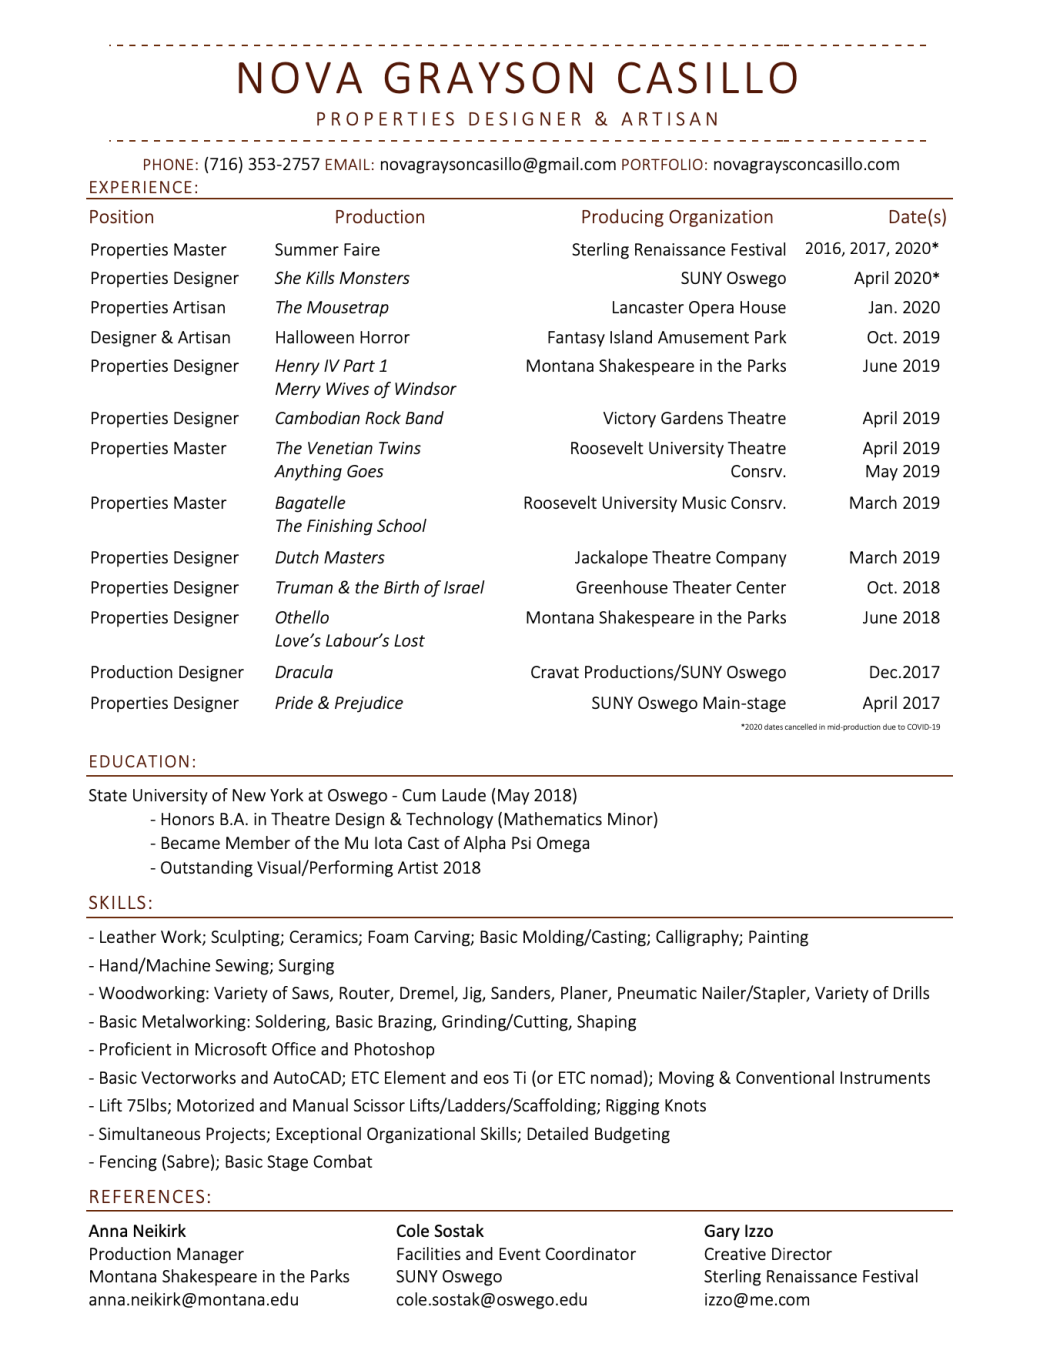 Casillo Resume - Props - 9.22.20